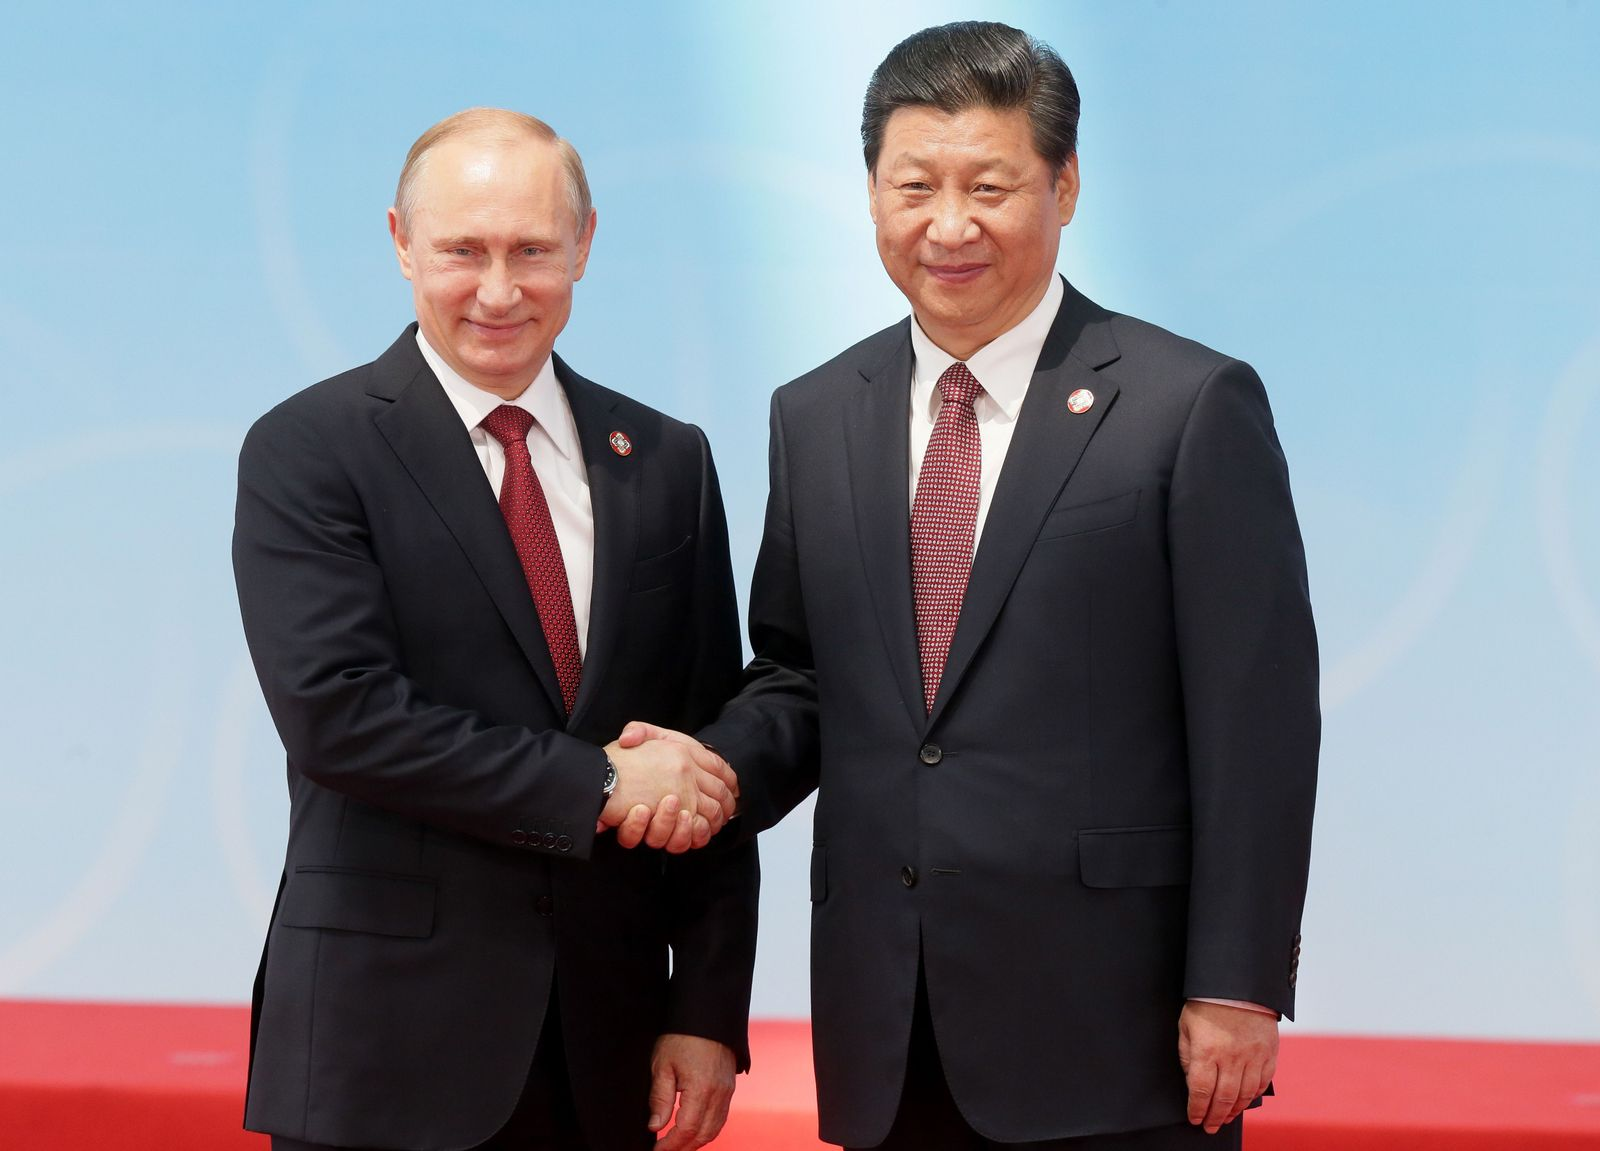 Putin / Xi Jinping